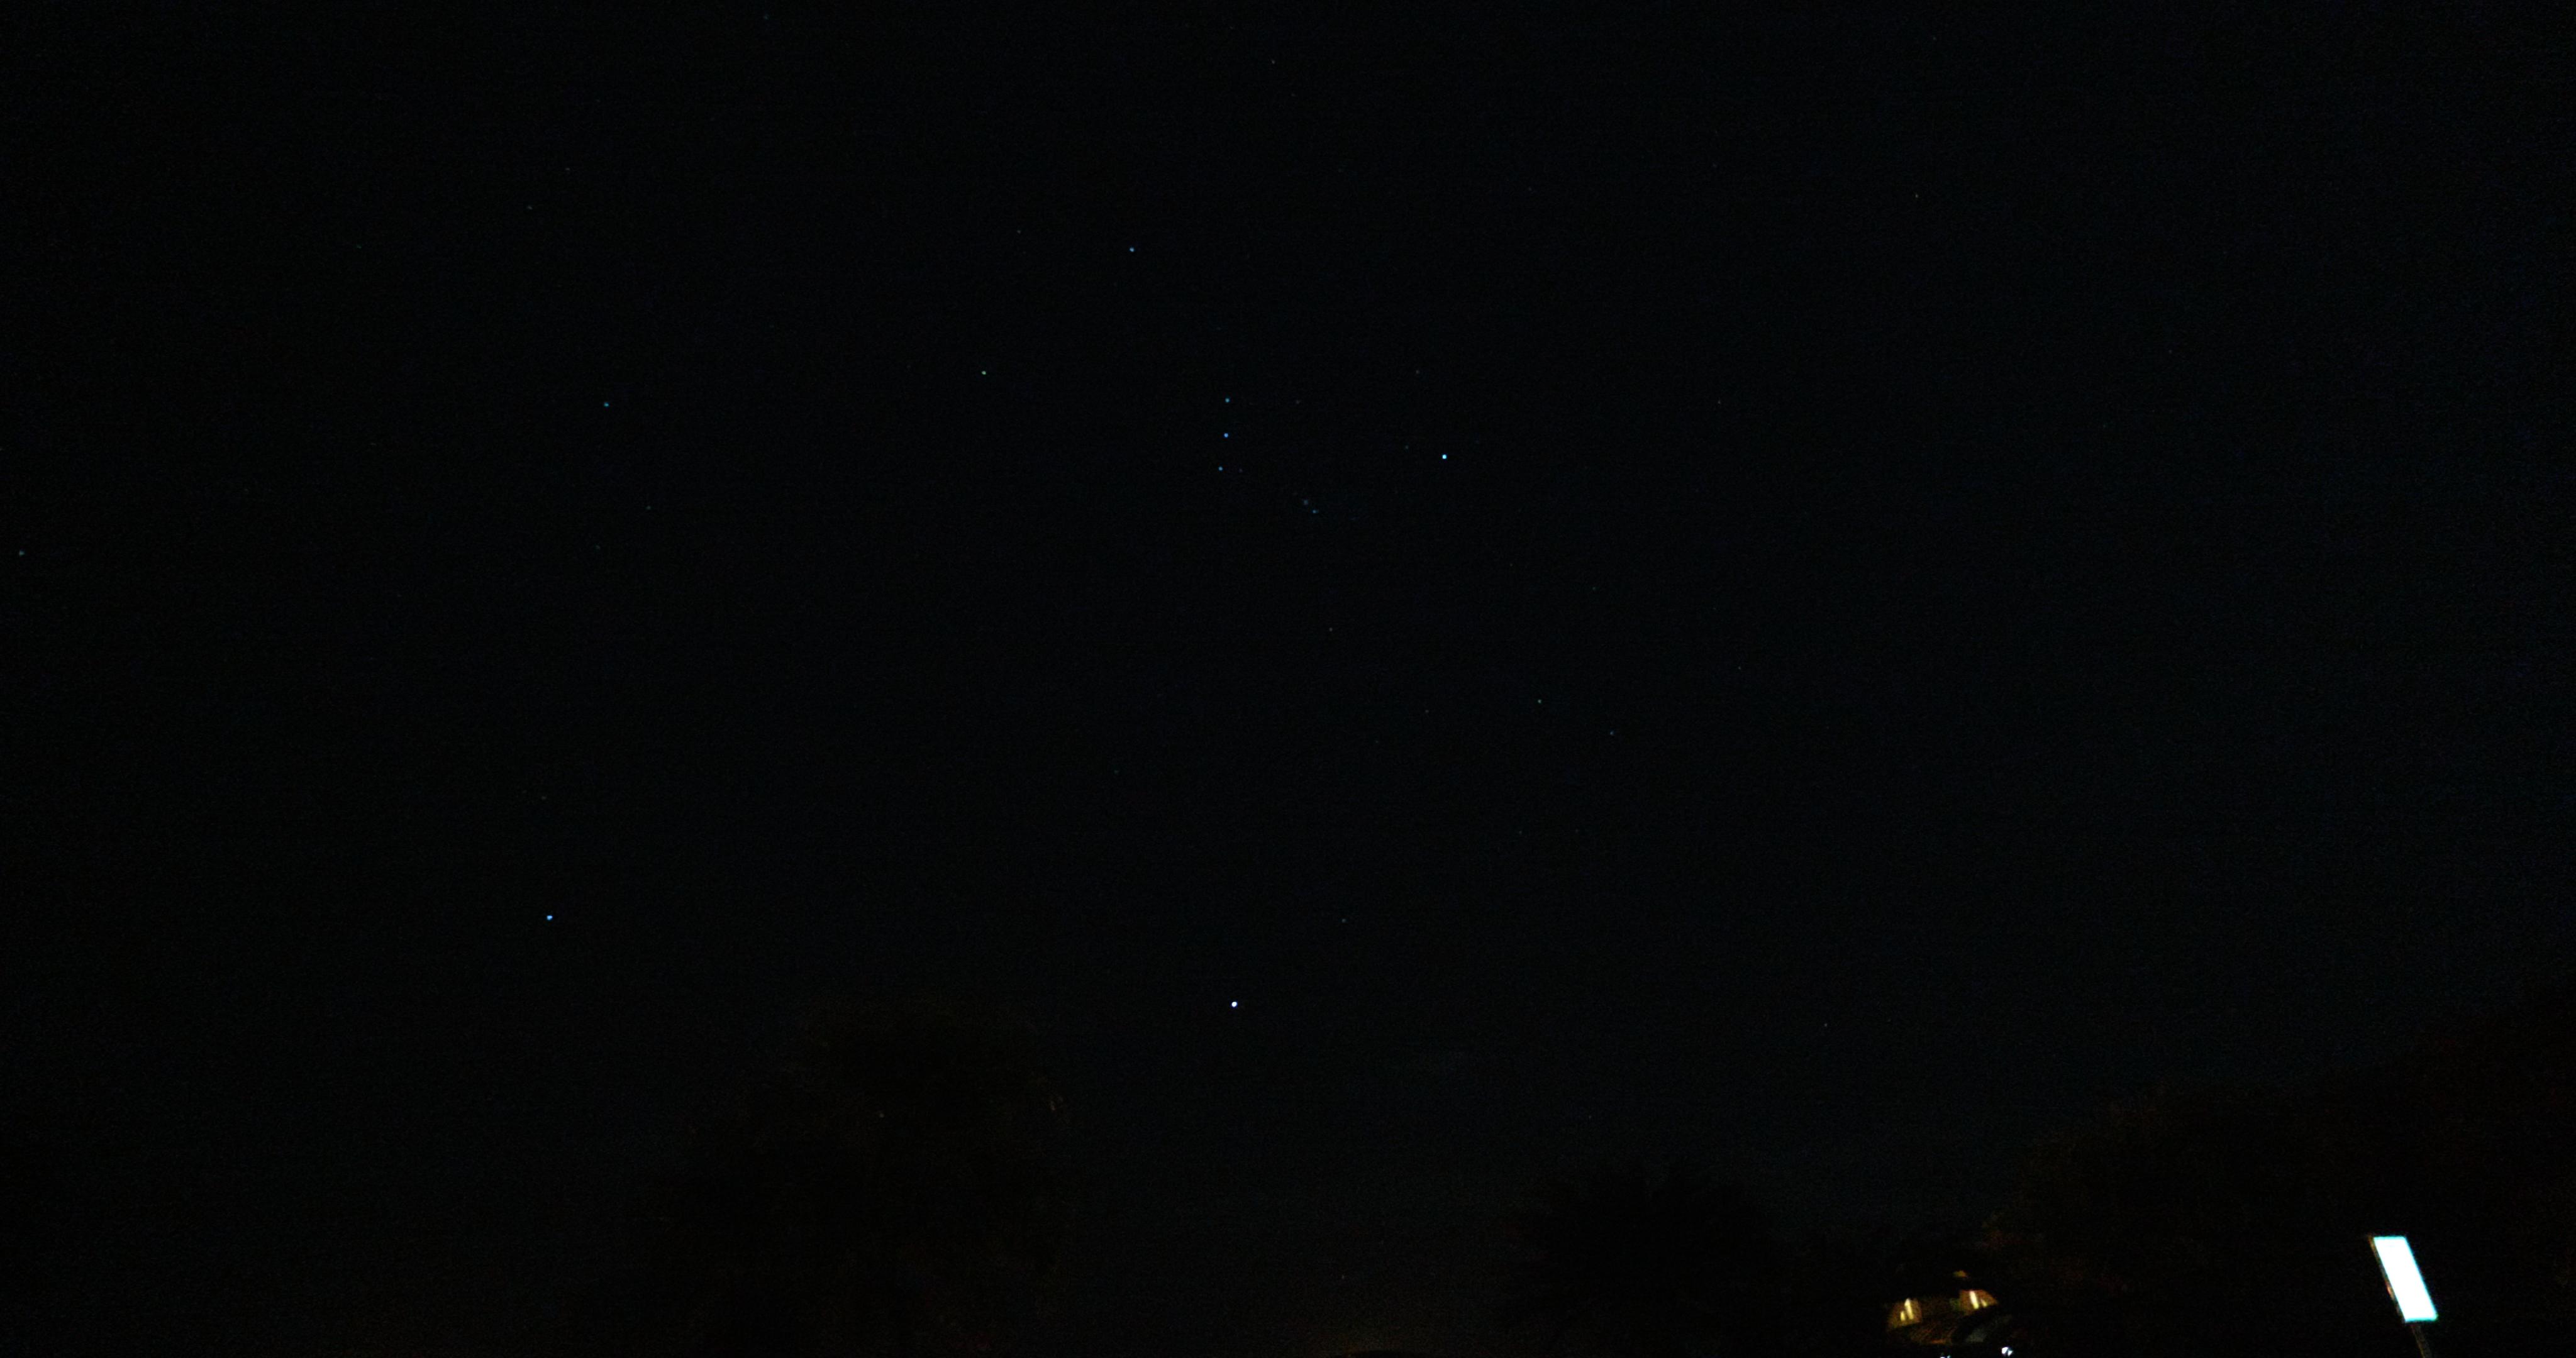 星も普通に映る